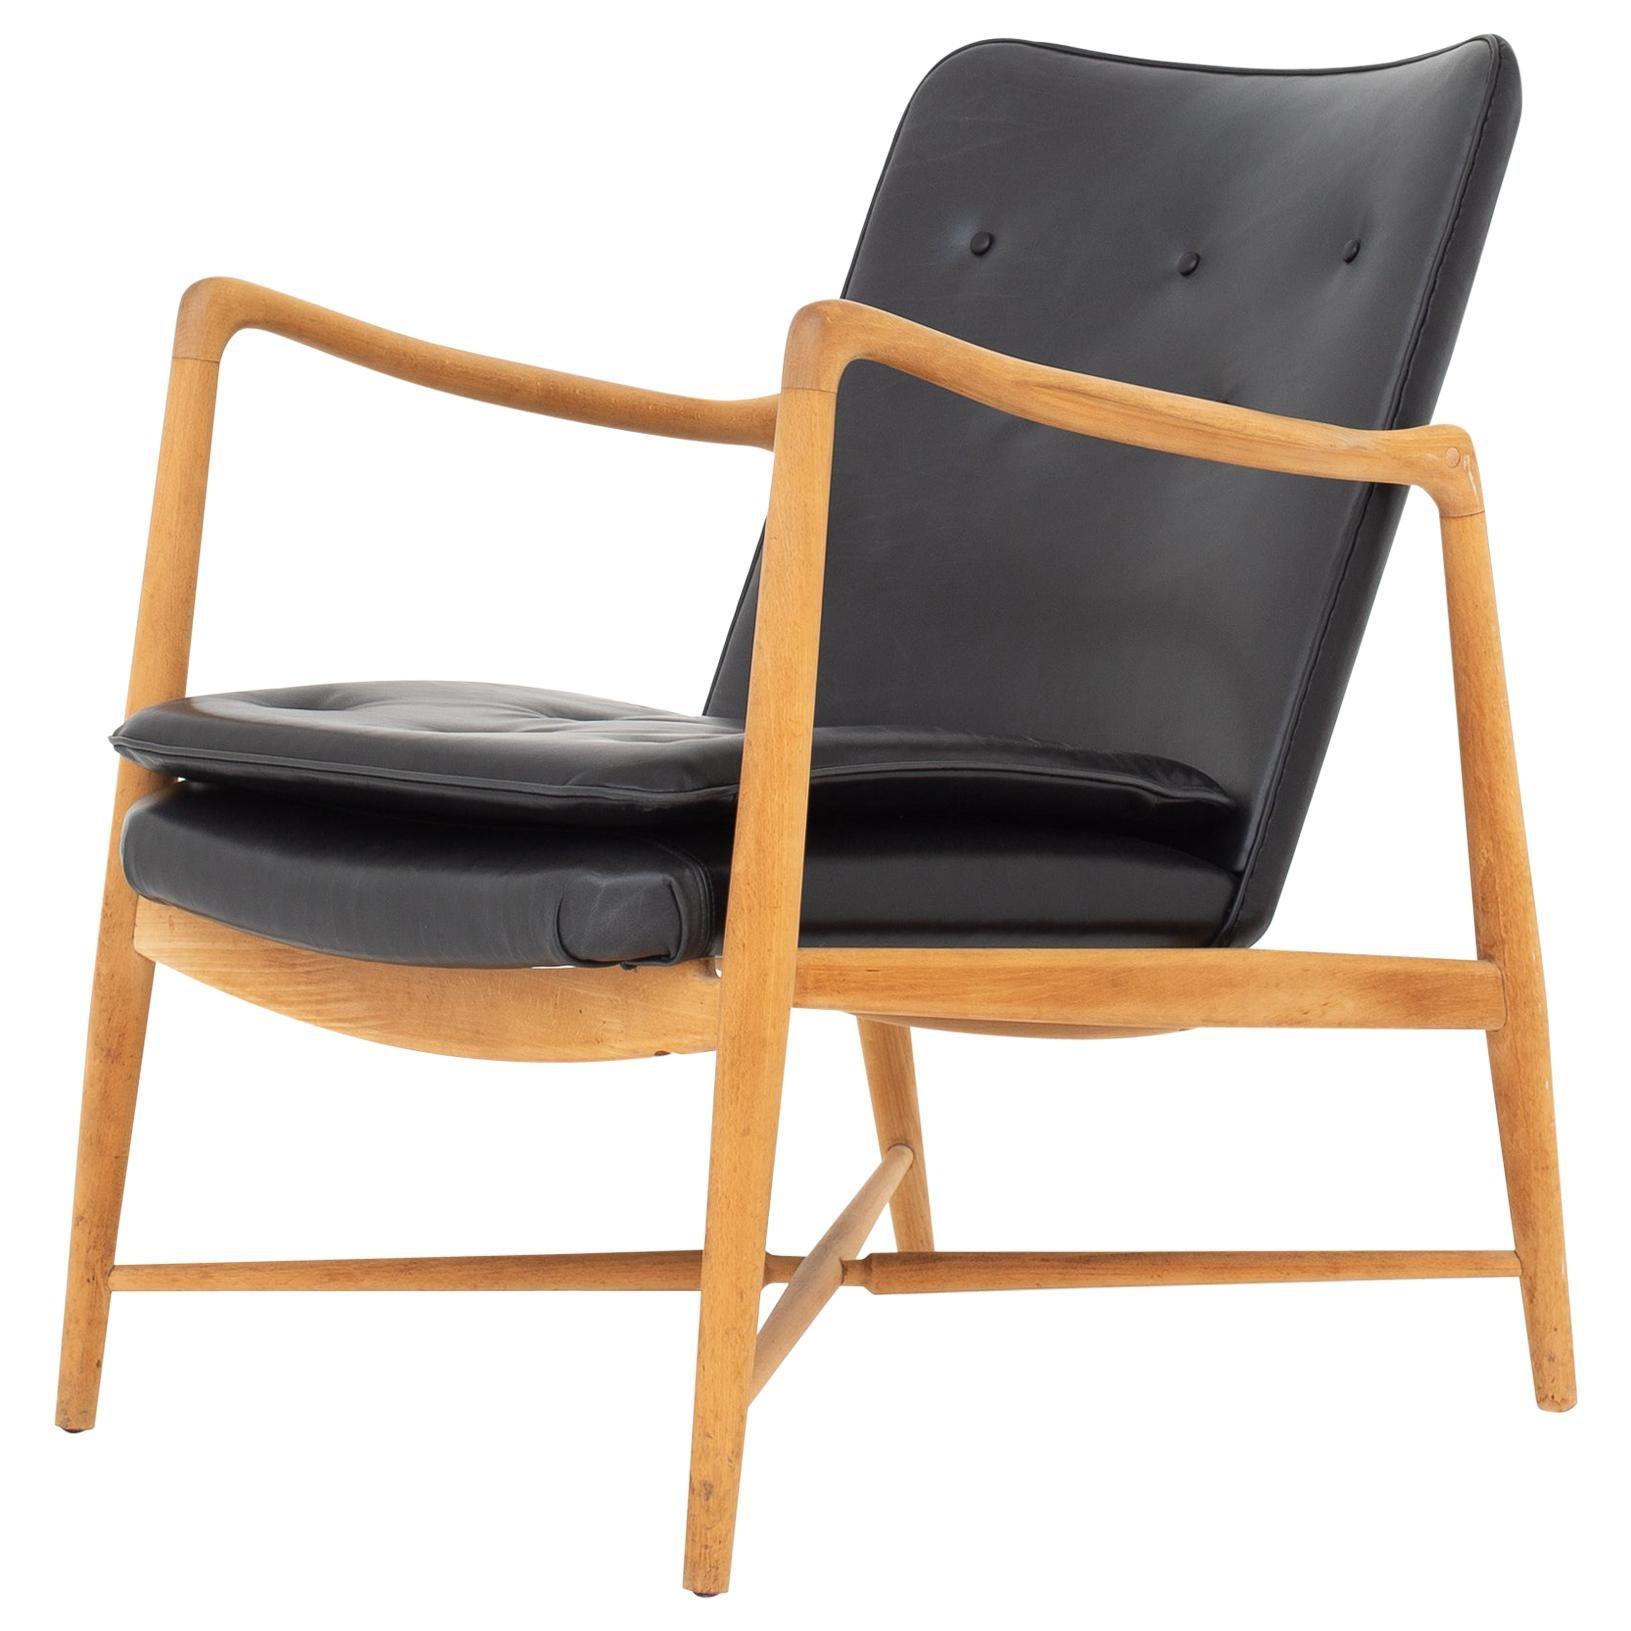 Easy Chair by Finn Juhl